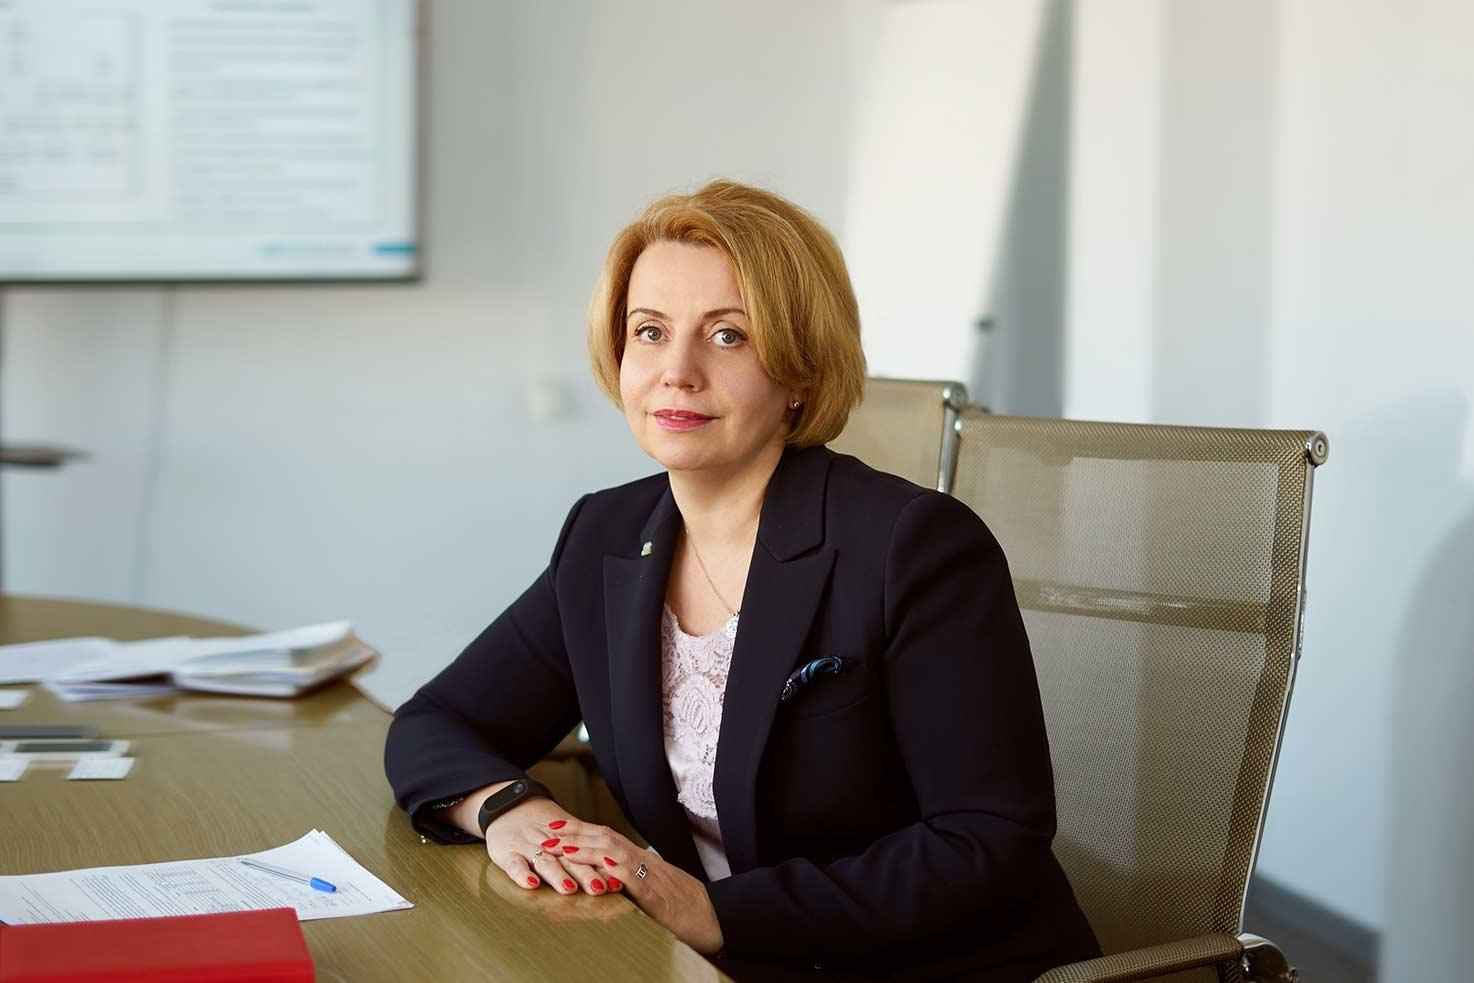 Альбина Роммель, директор по продажам CSCPharma